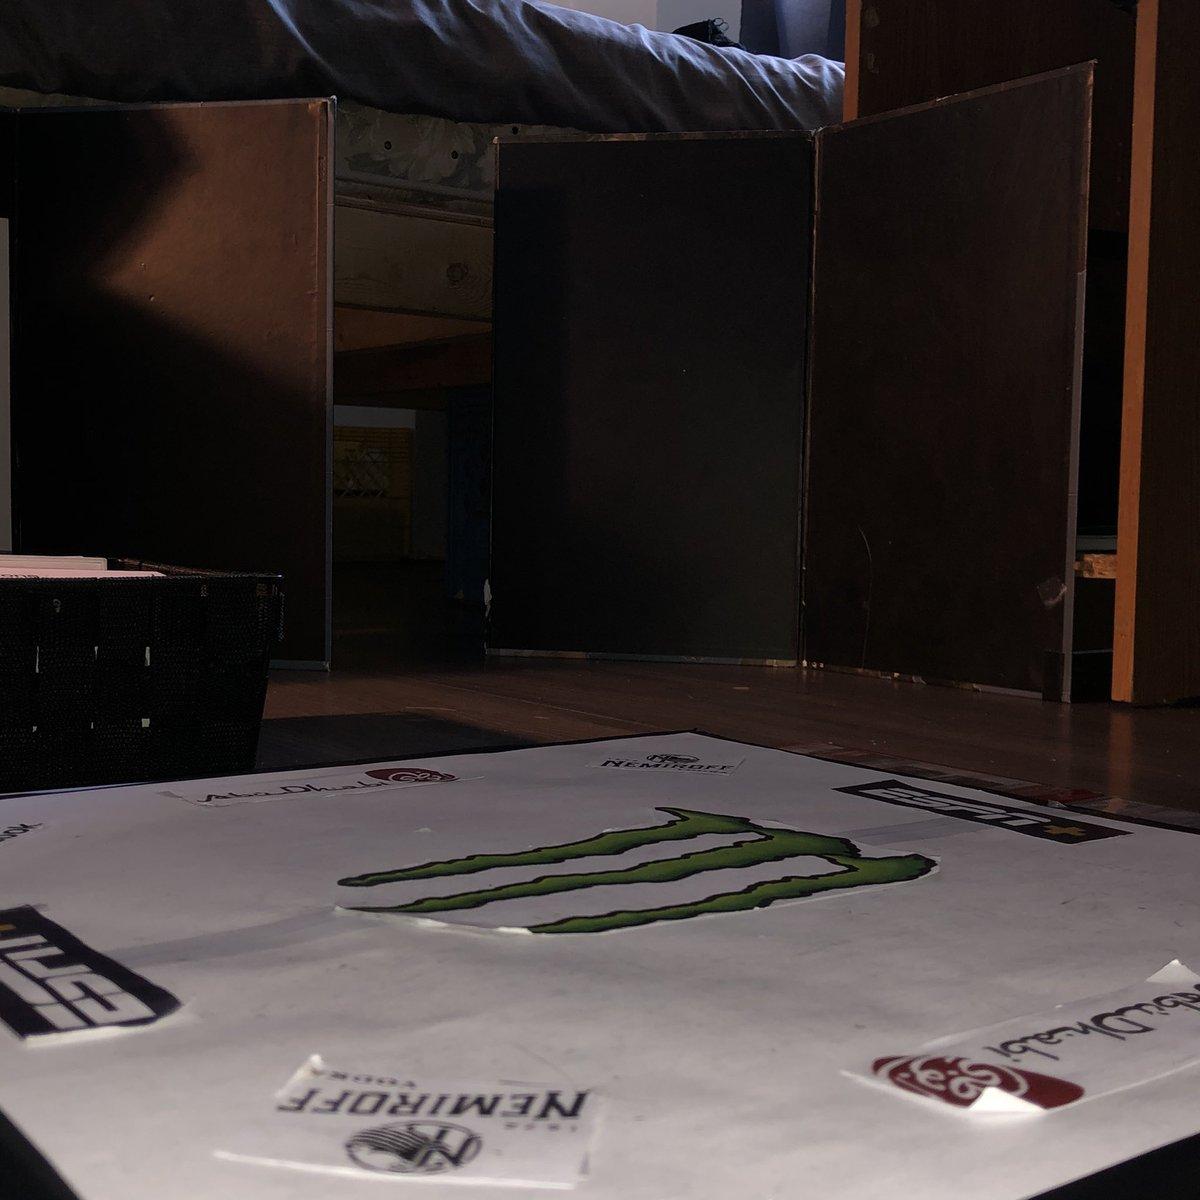 UFC 255 ; TODAY LIVE   Watch #UFC255 On #ESPNPlus & PPV https://t.co/bRirdakjJU